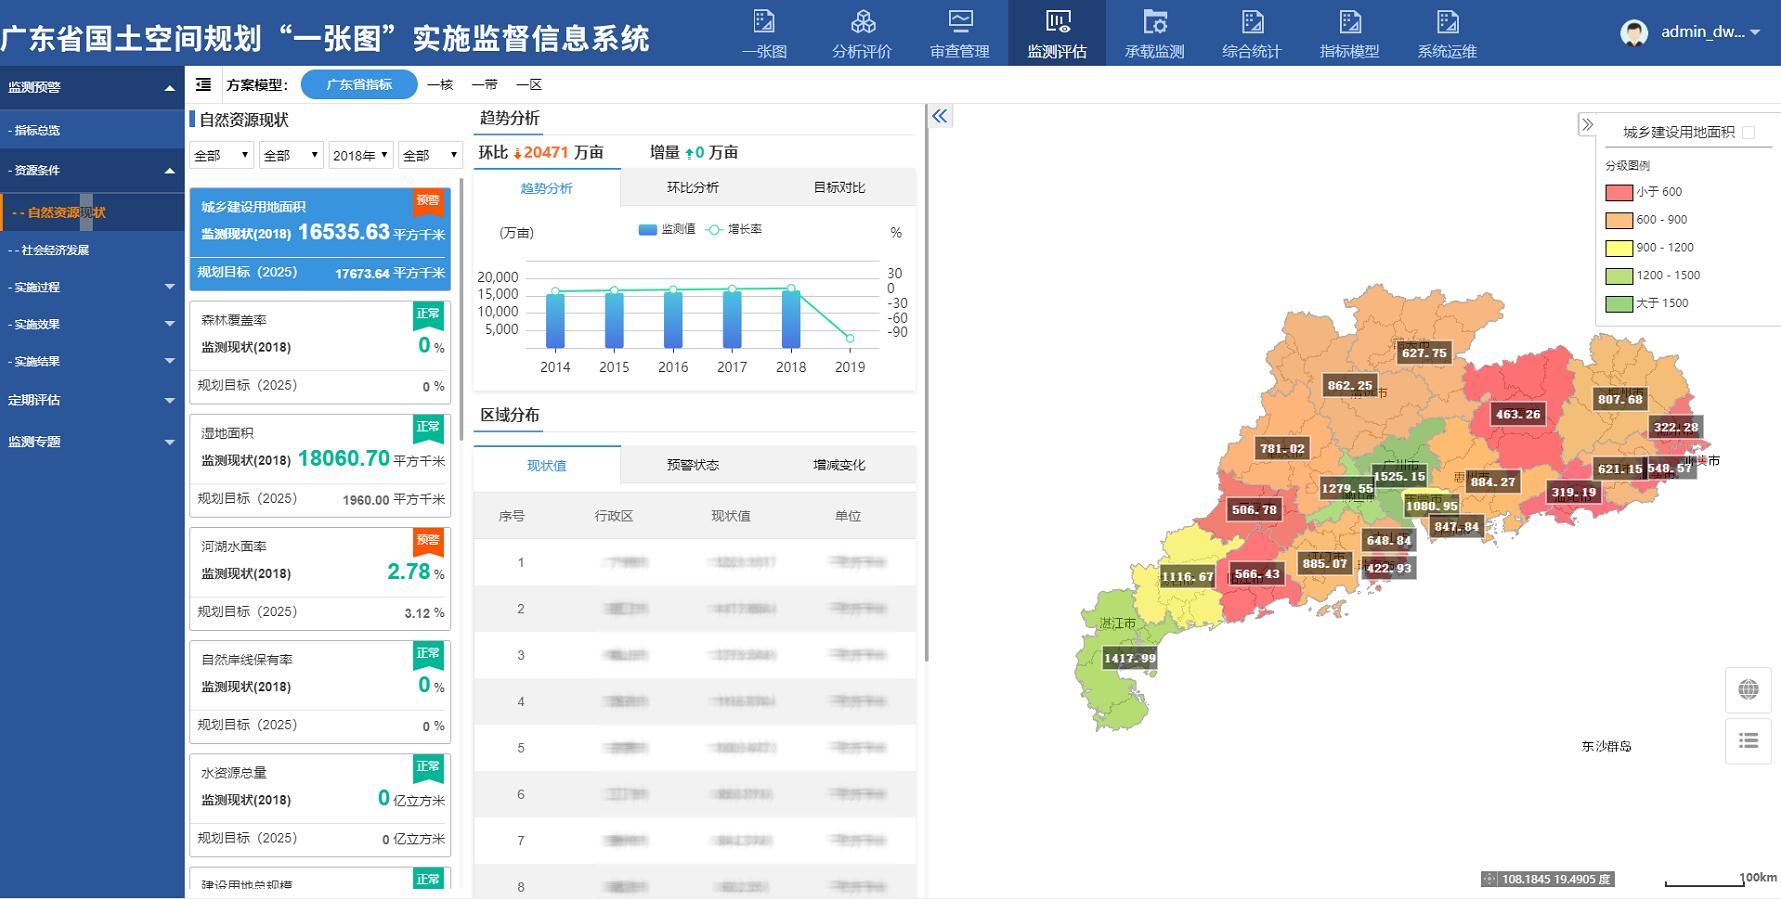 城鎮建設用地動態監測